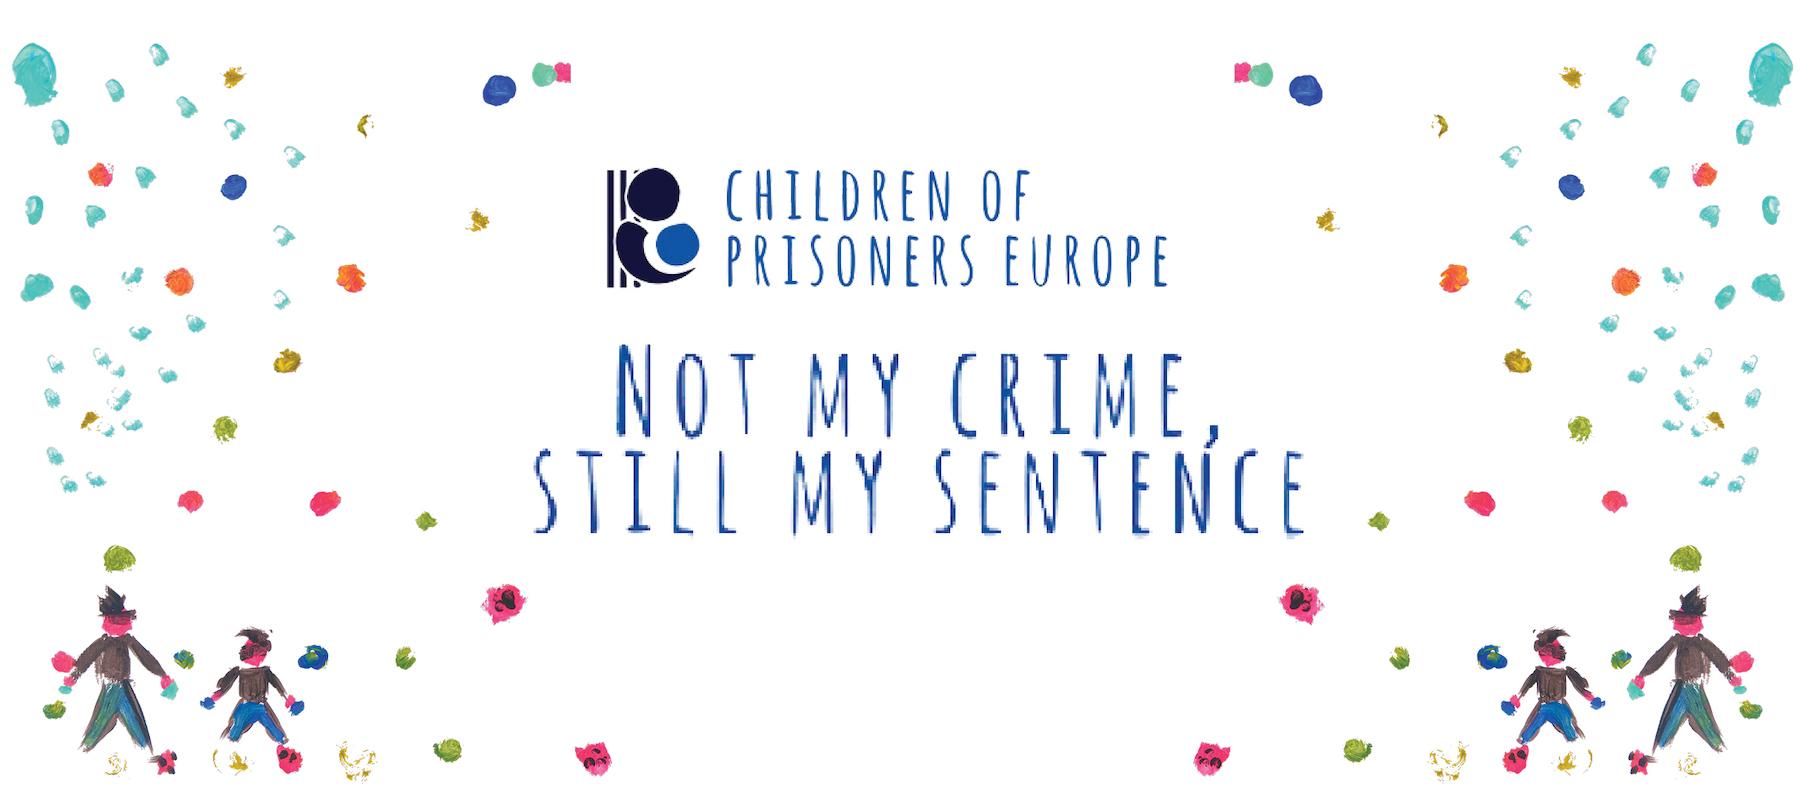 Maand van het kind met ouder in detentie